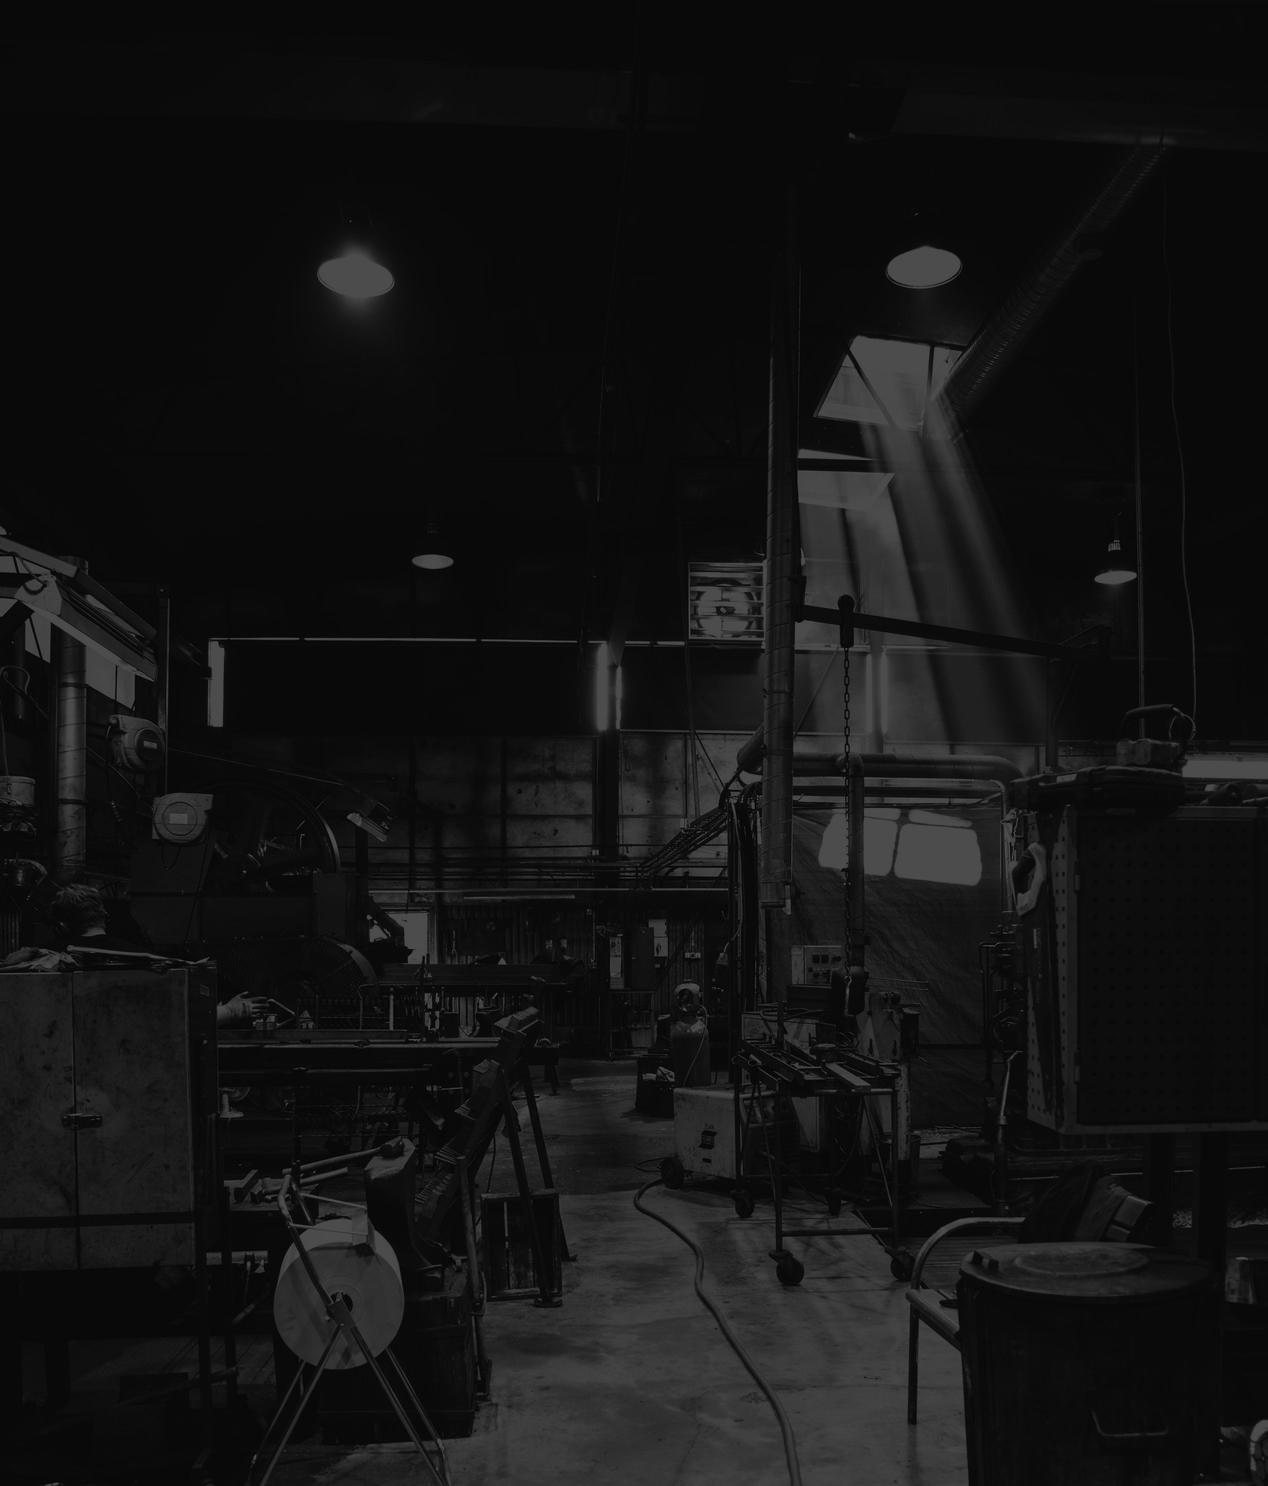 Dark image of timber workshop